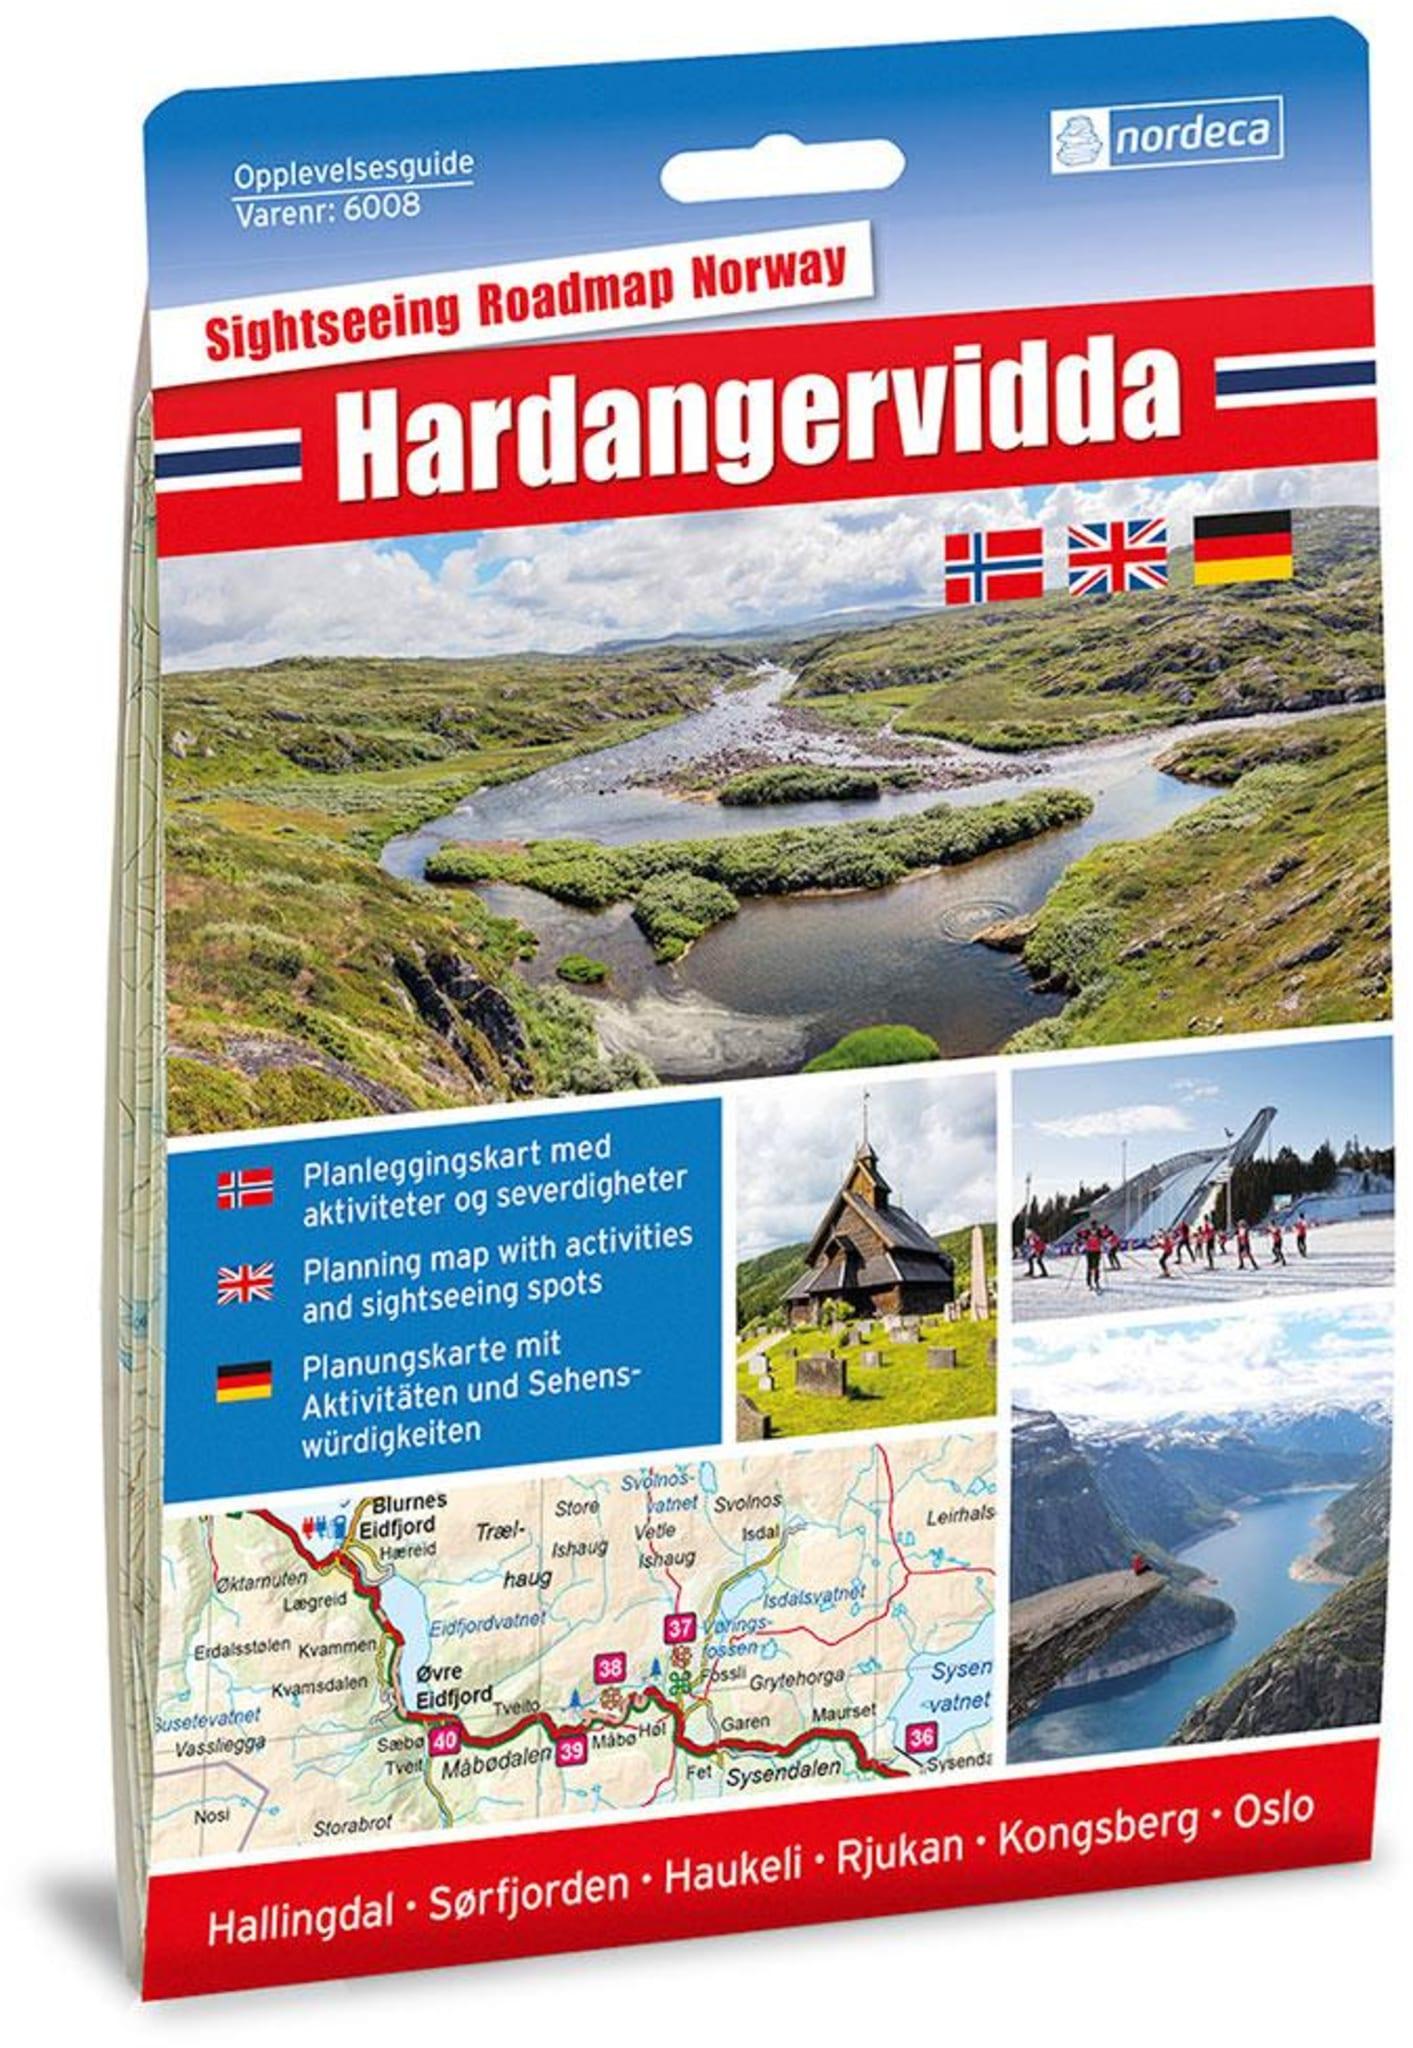 Hardangervidda m/hefte